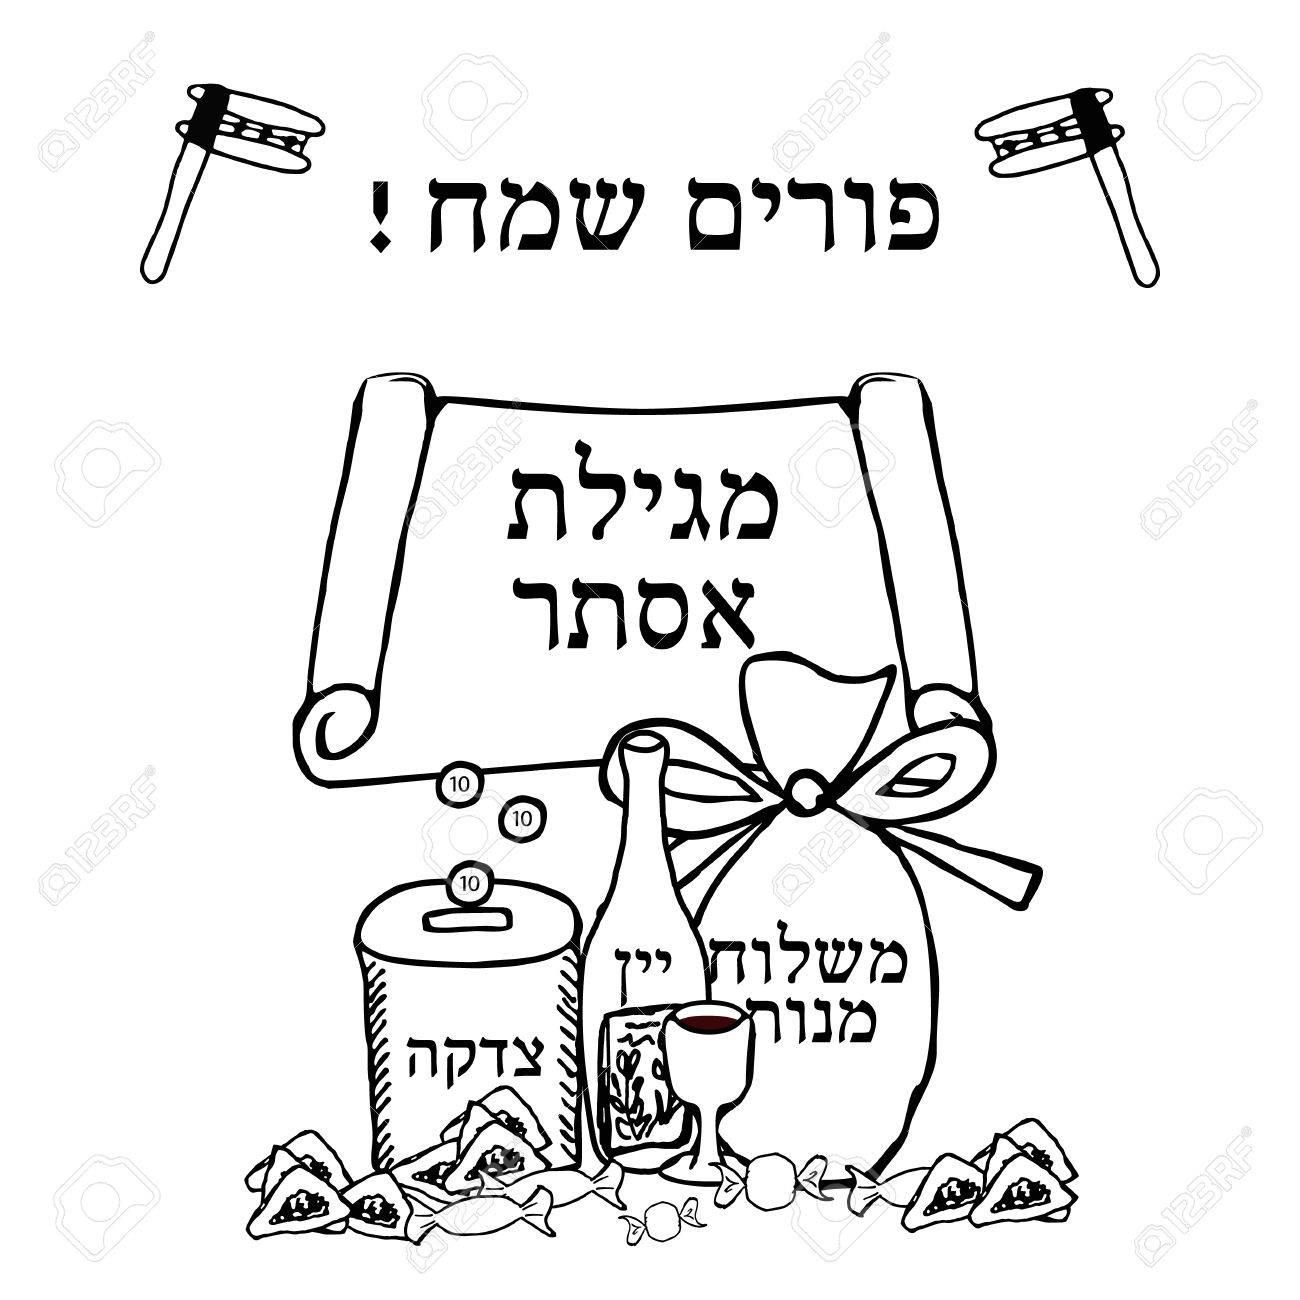 Jewish Star Drawing At Getdrawings